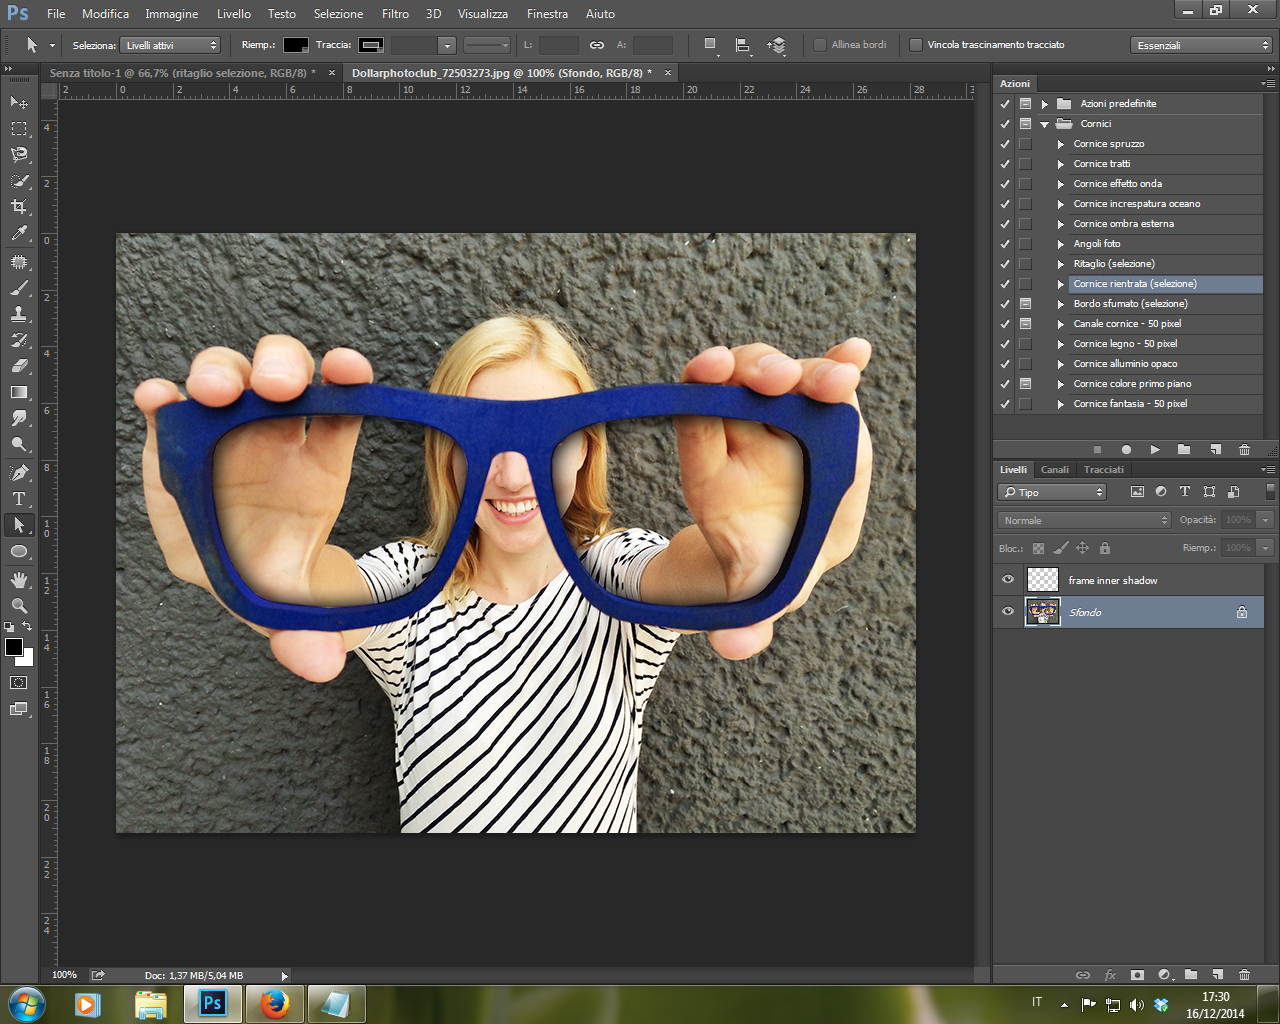 Azione Cornice Rientrata Selezione Photoshop CC 2014